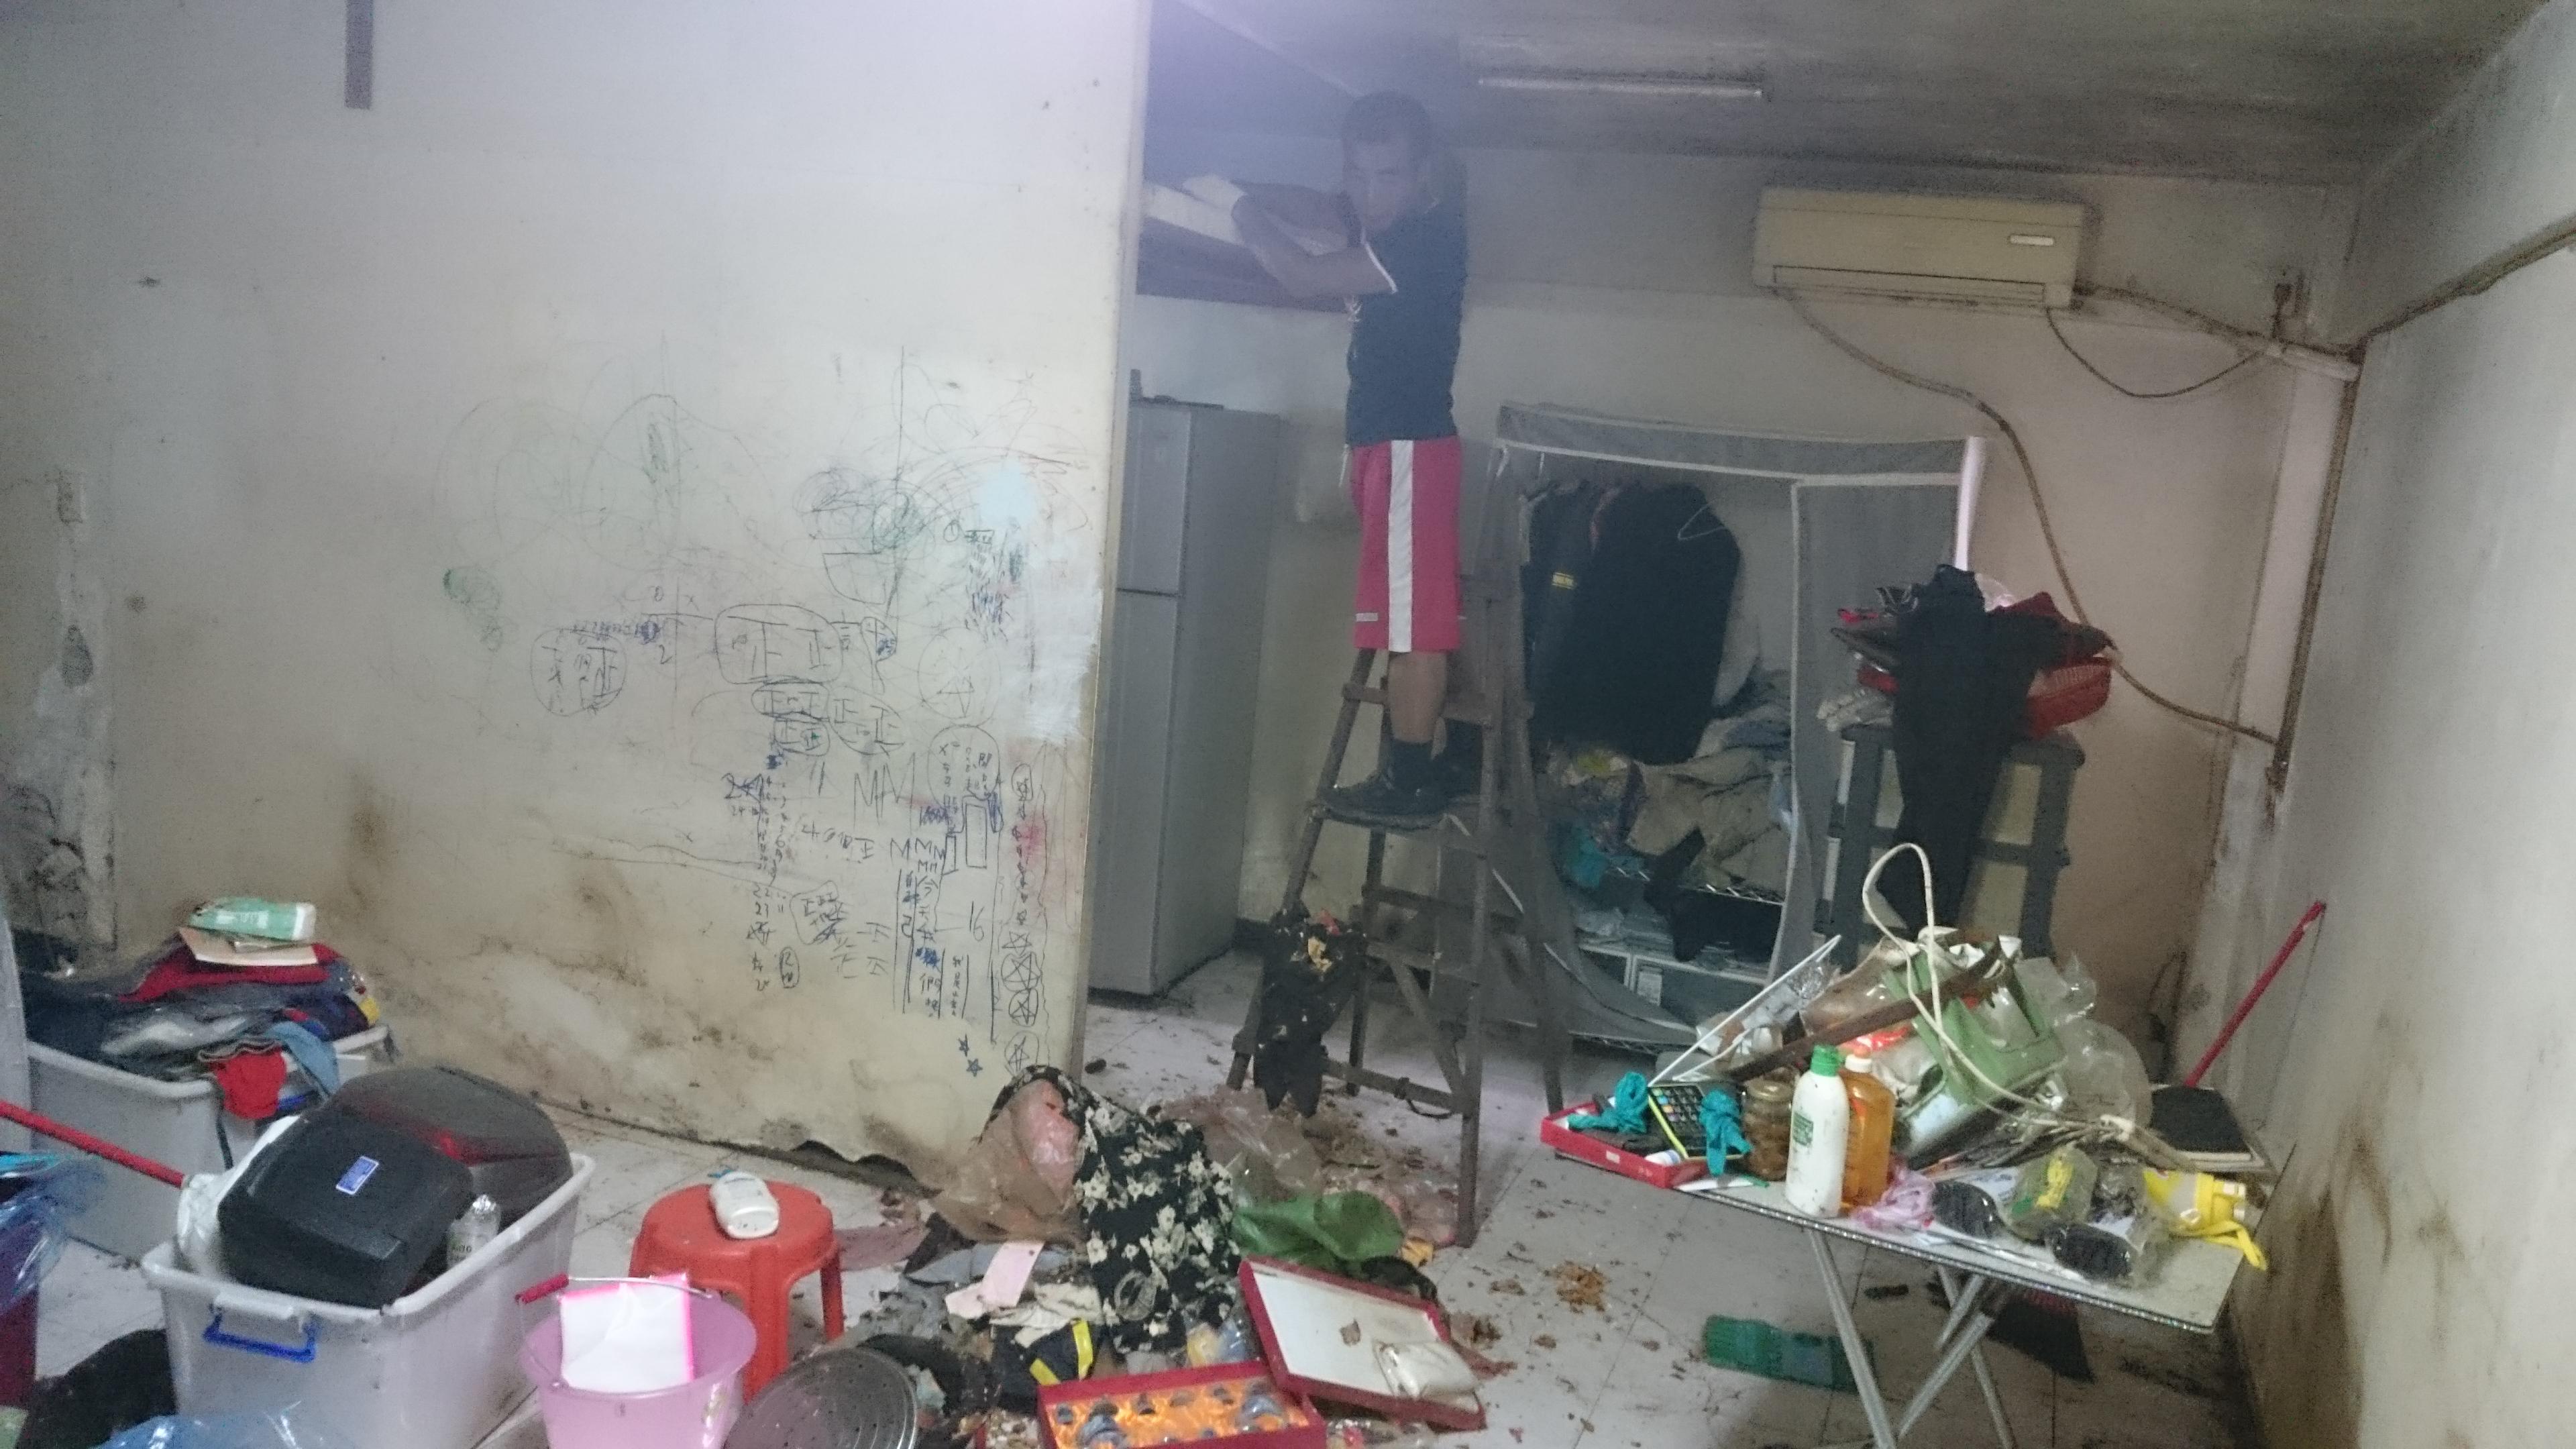 為無法自理生活的弱勢租屋者整理清潔室內並簡單粉刷